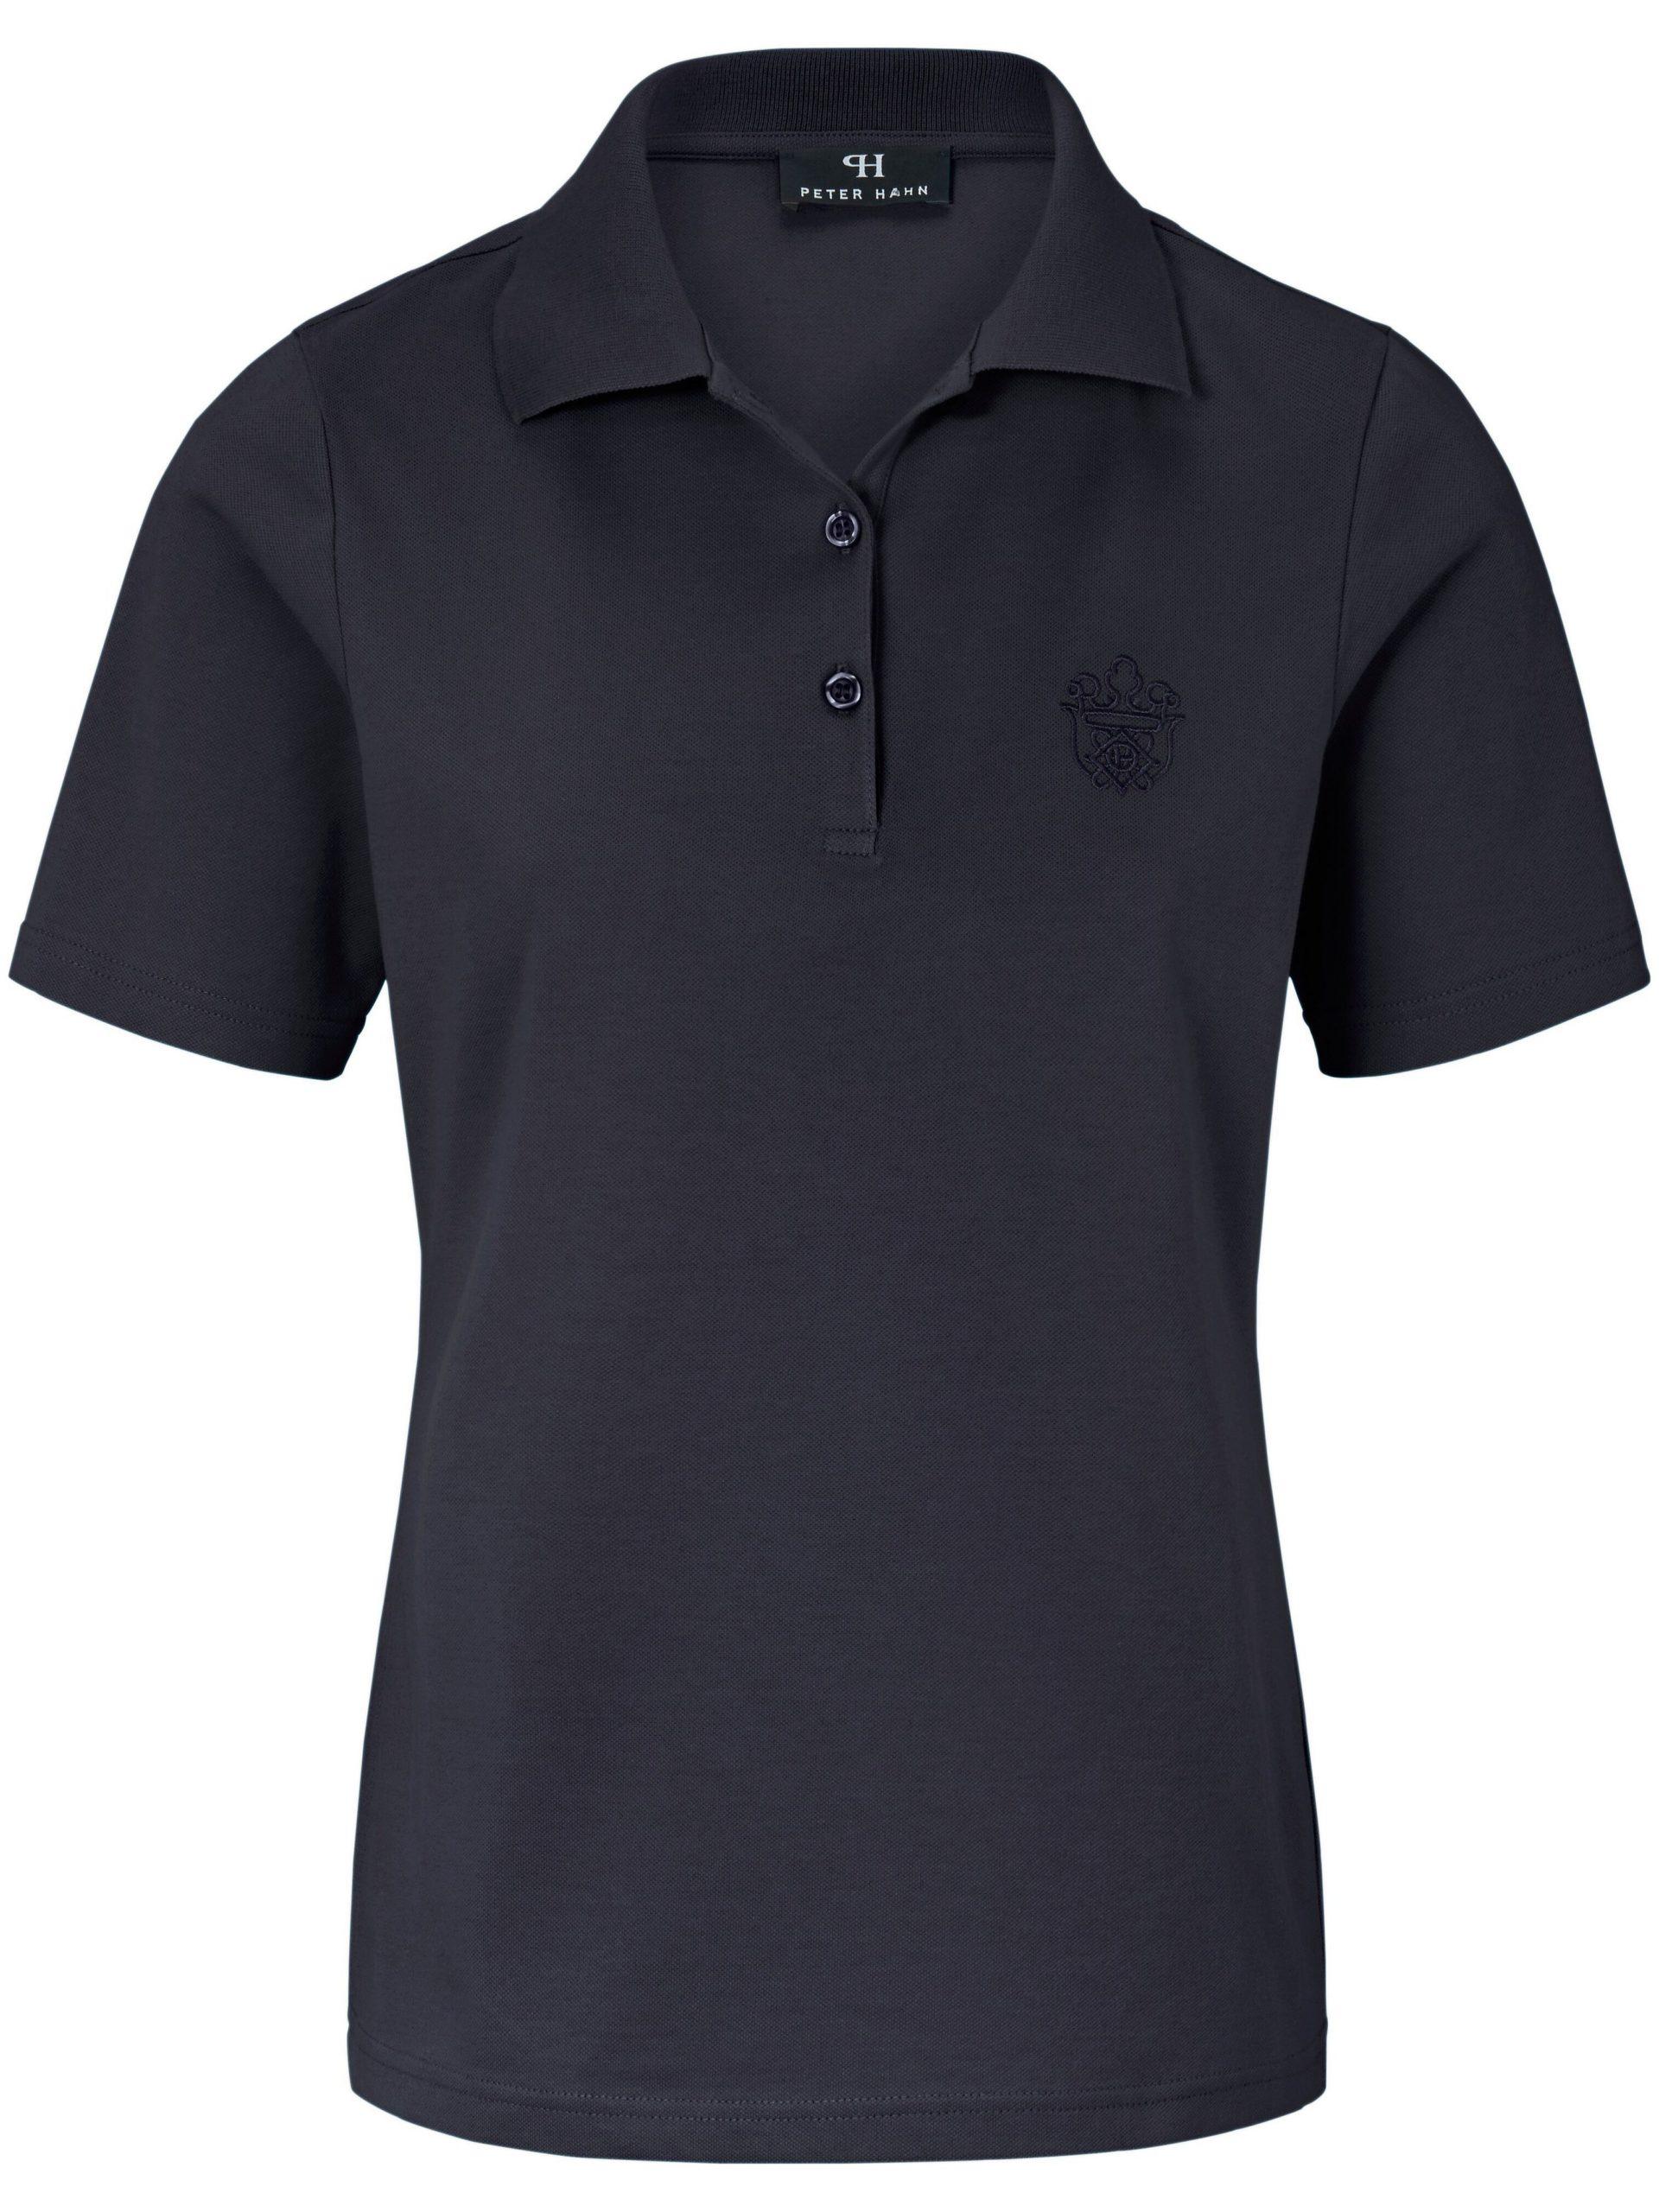 Poloshirt model Andrea Van Peter Hahn blauw Kopen